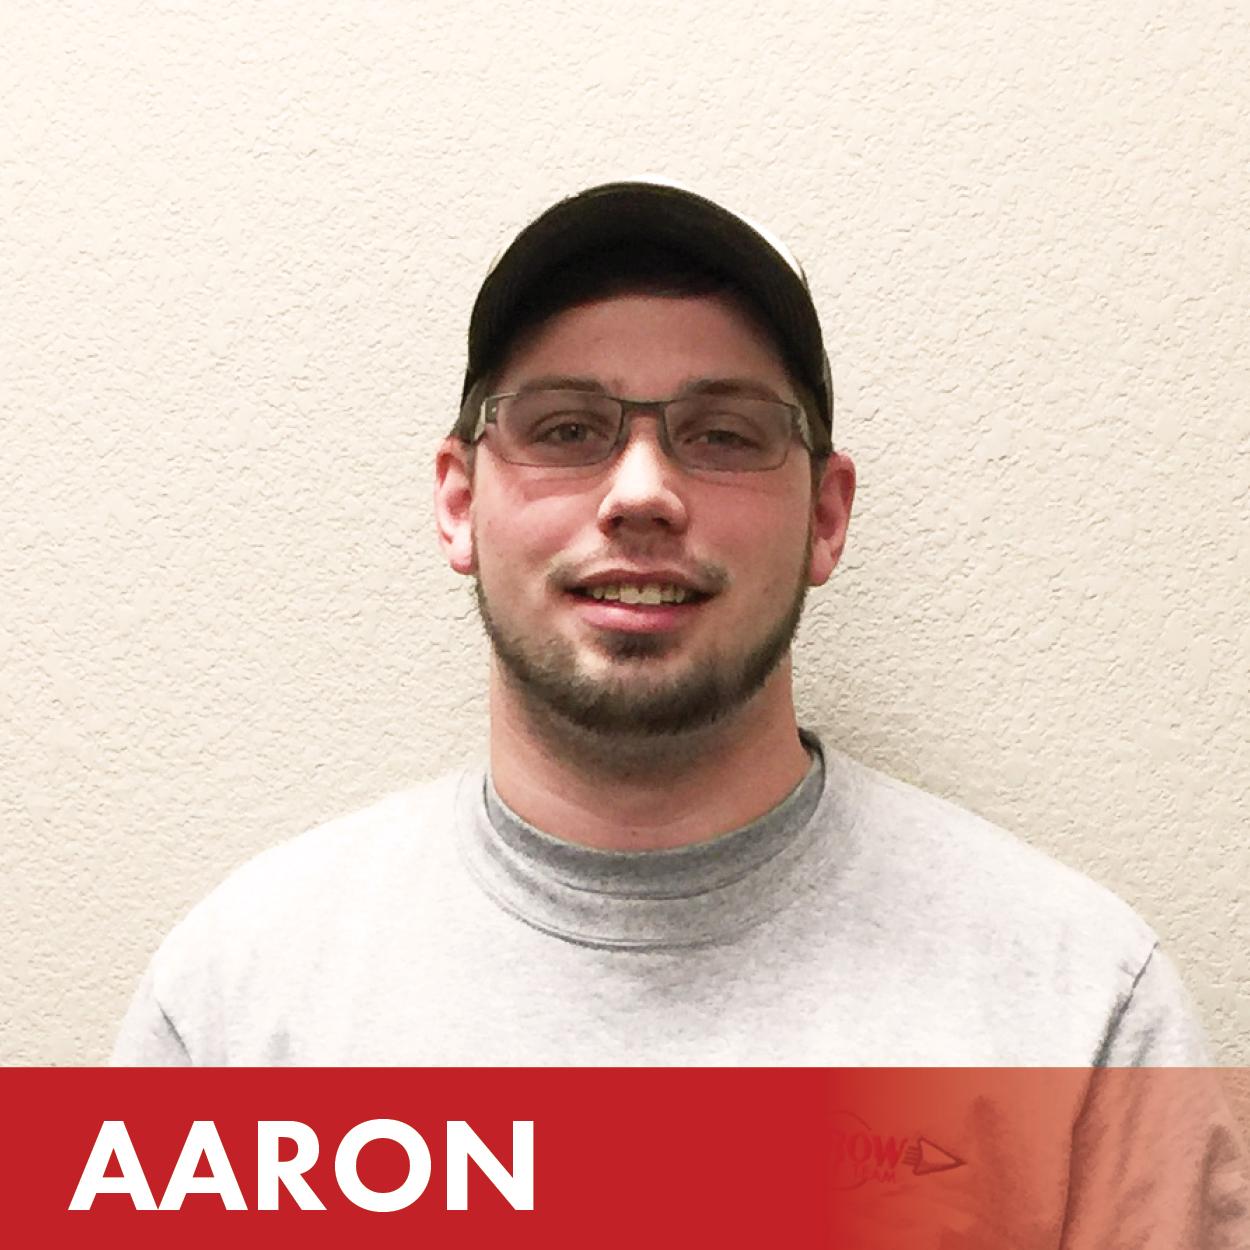 aaron_web.jpg